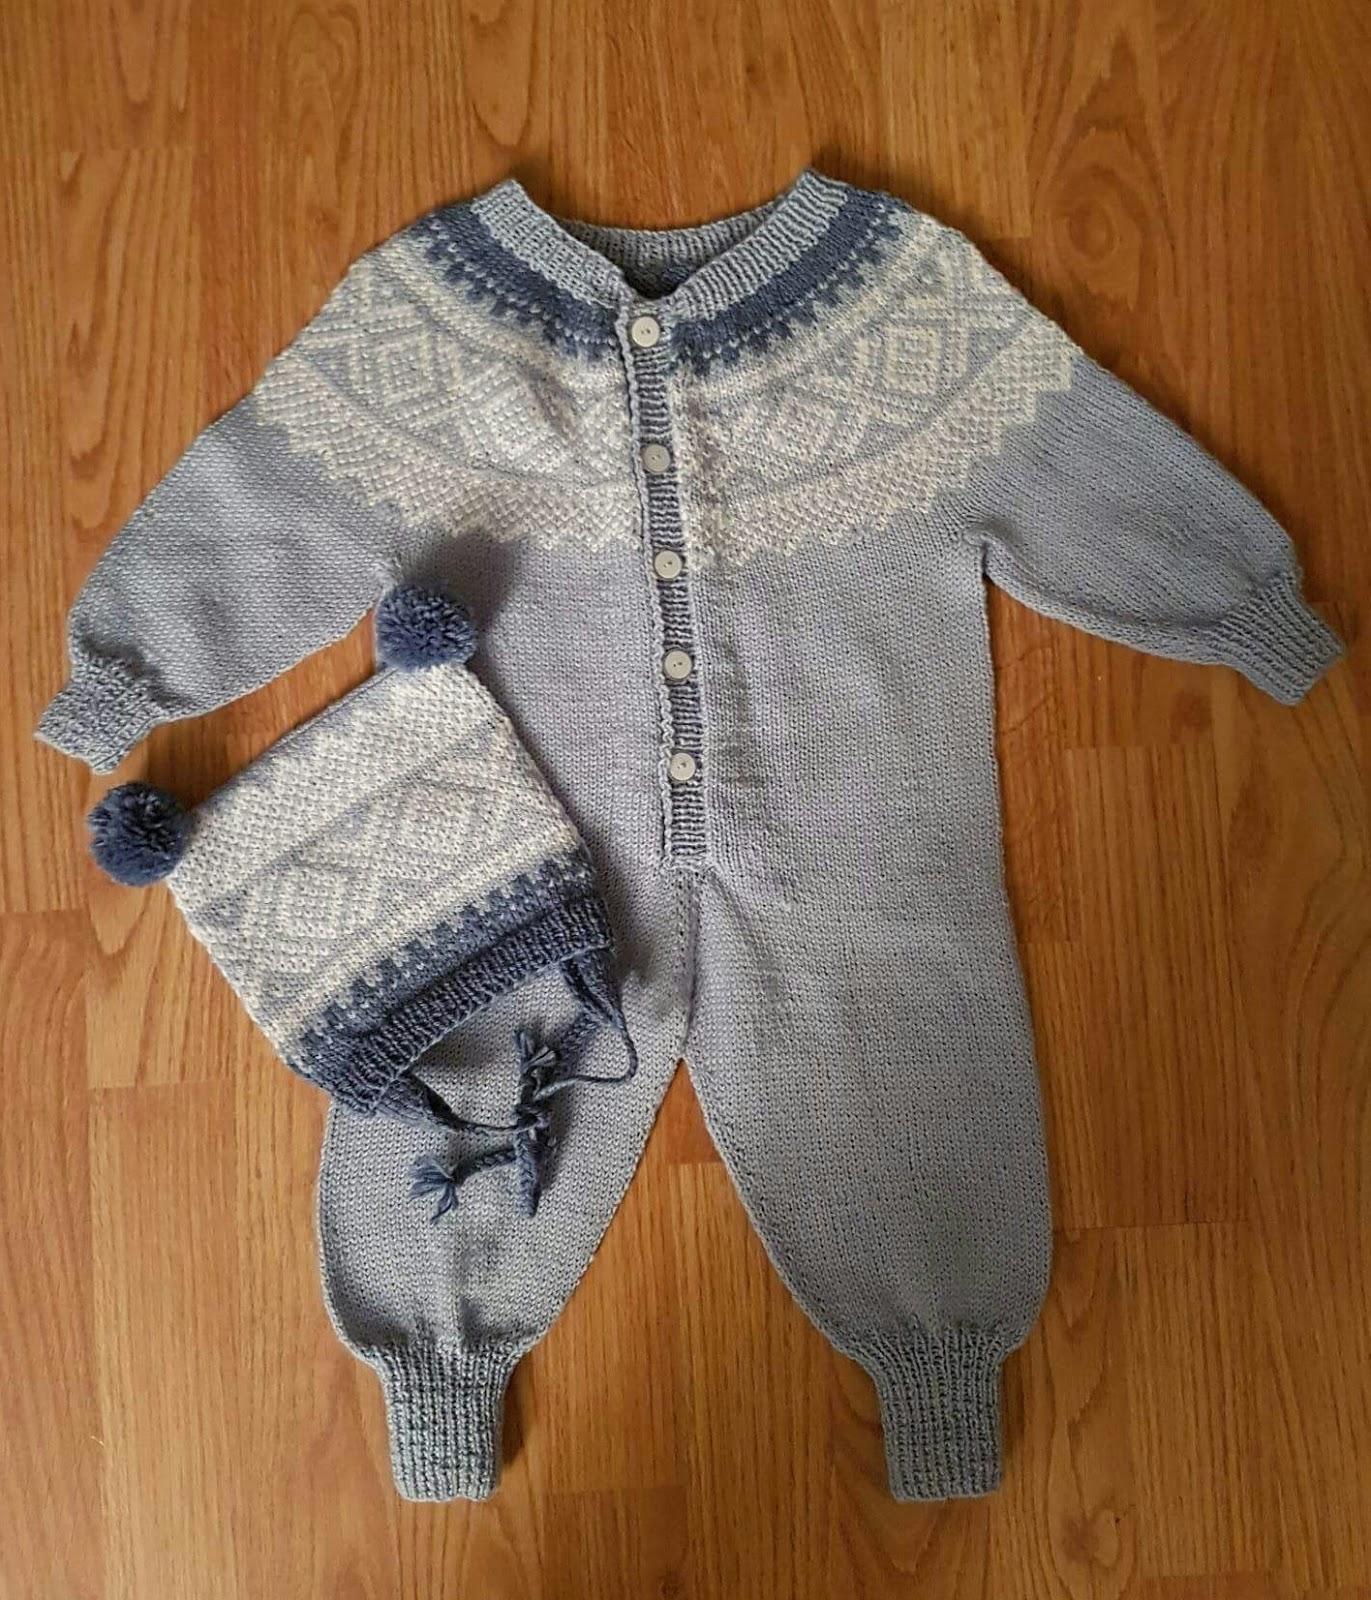 96528cb8 ... skappelgenser baby - https://3.bp.blogspot.com/- ...